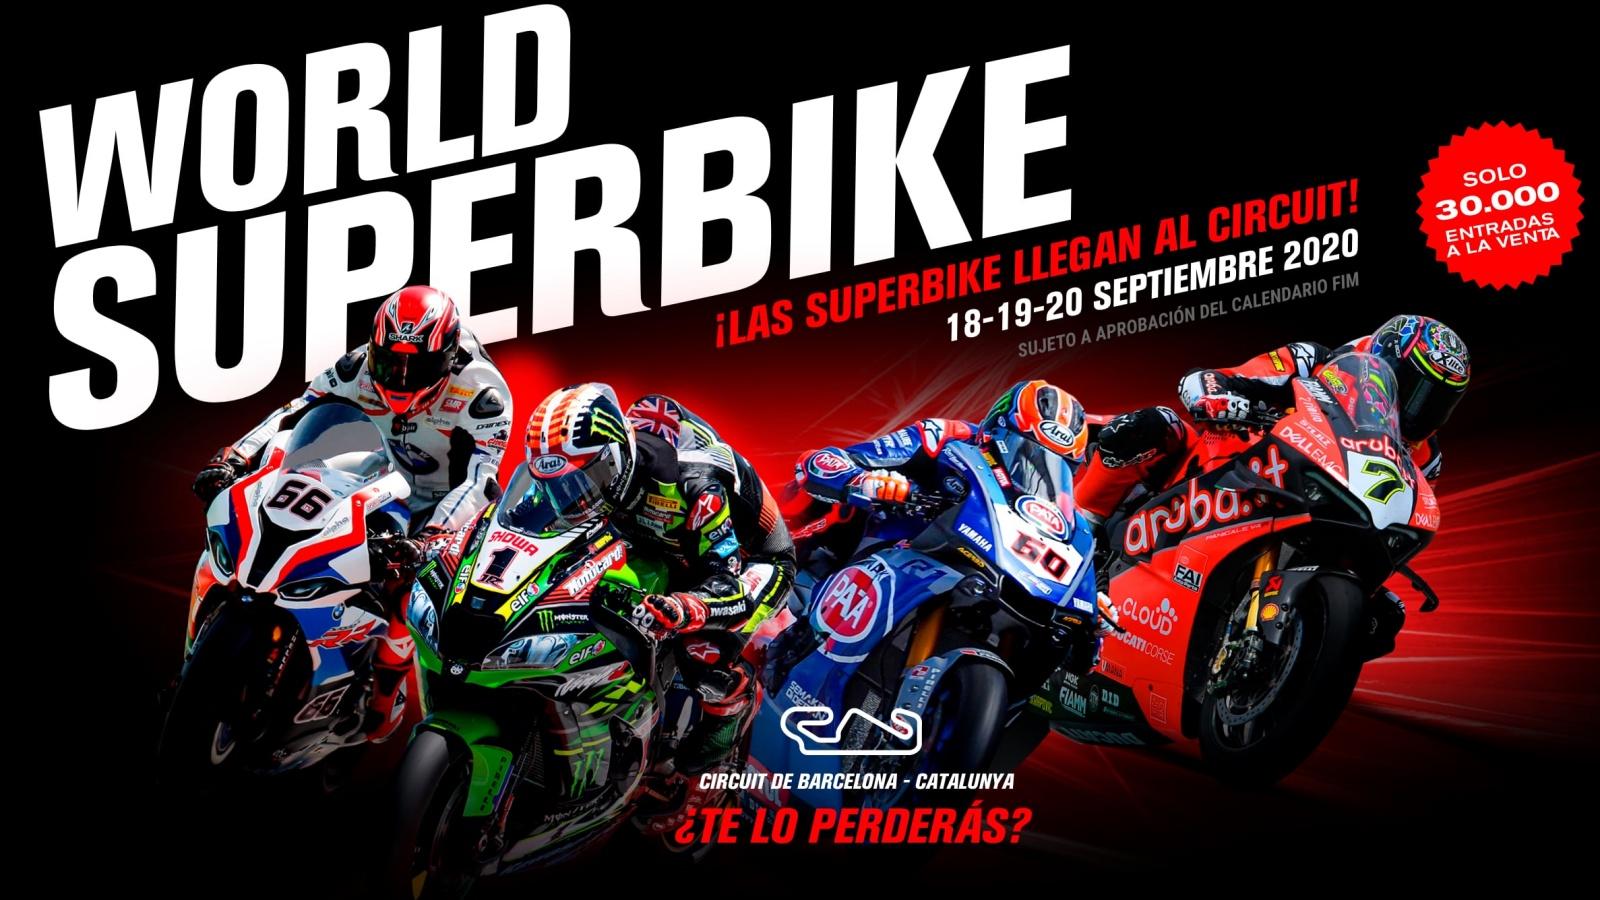 El Mundial de Superbike 2020 llegará al Circuit de Barcelona-Catalunya